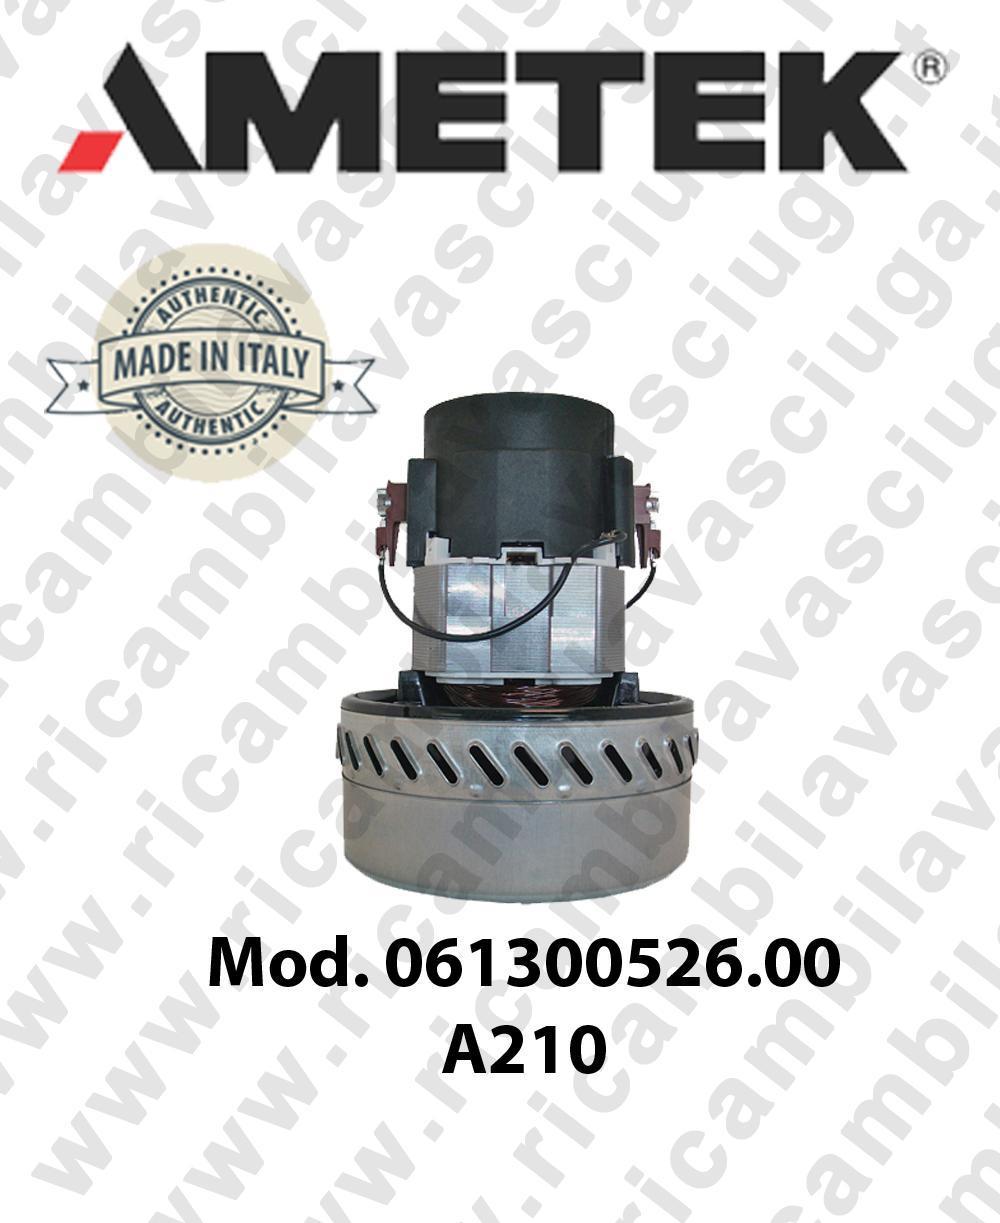 MOTEUR ASPIRATION AMETEK ITALIA 061300526.00 A 210 pour aspirateur et aspirateur àeau